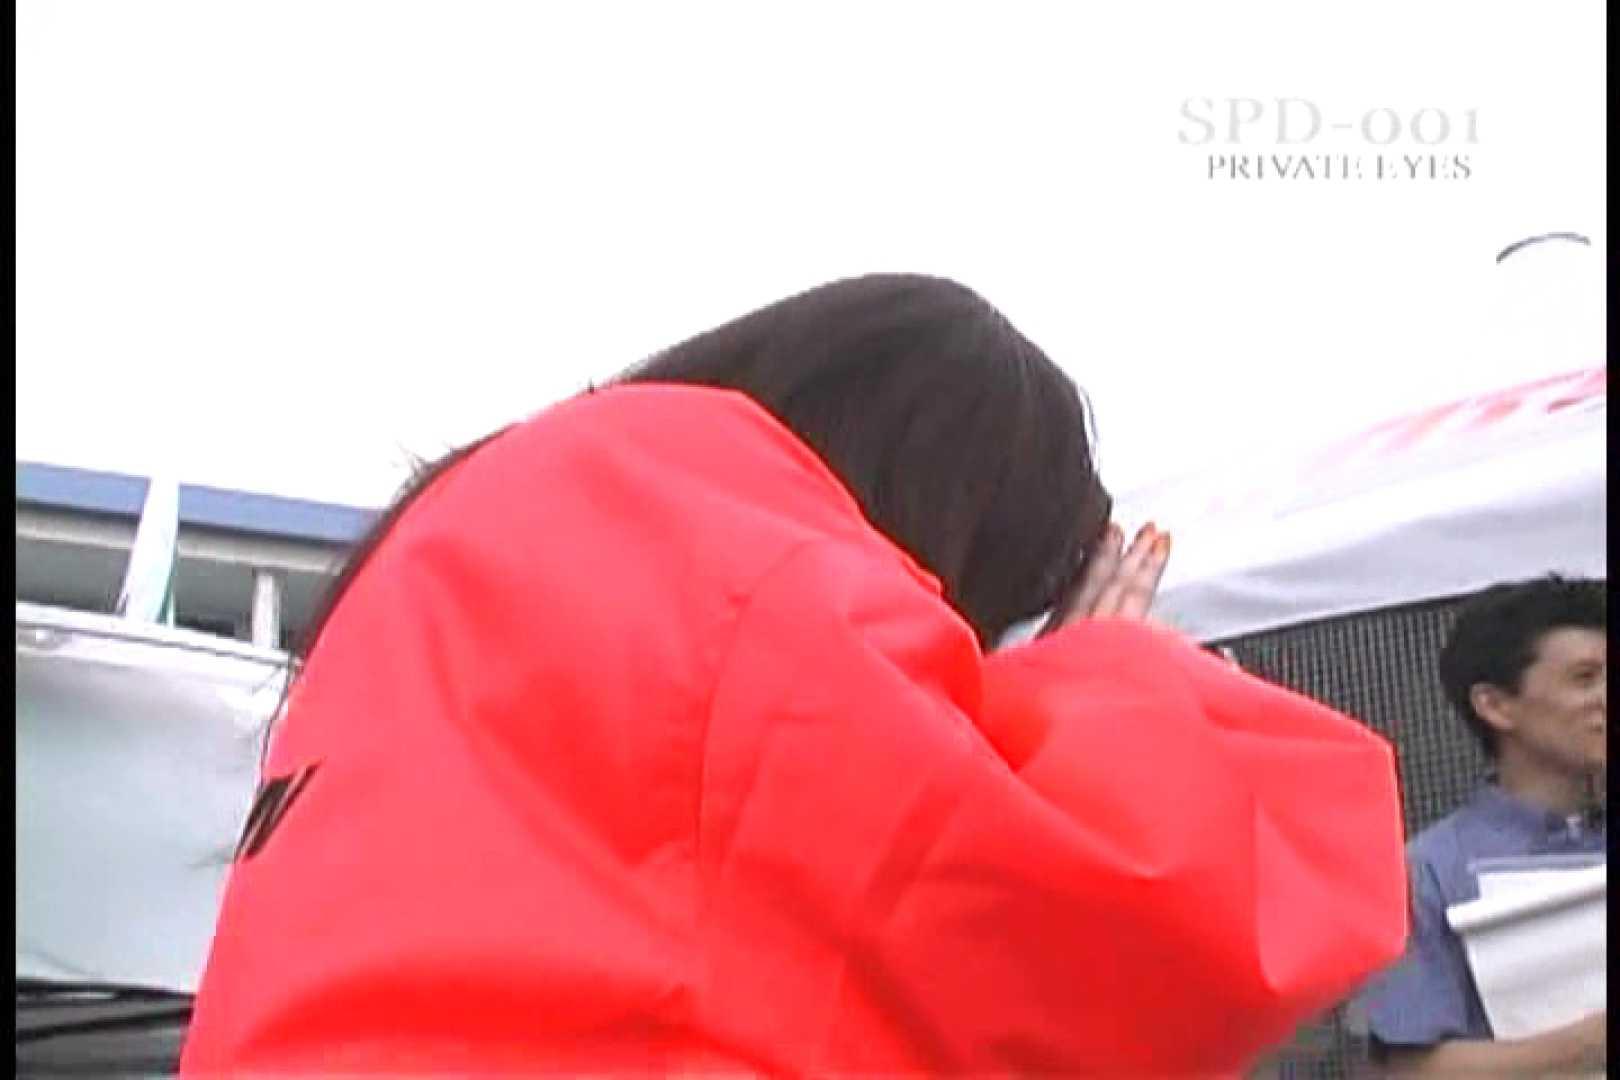 高画質版!SPD-001 サーキットの女神達 Vol.00 プライベート AV無料動画キャプチャ 109PIX 62